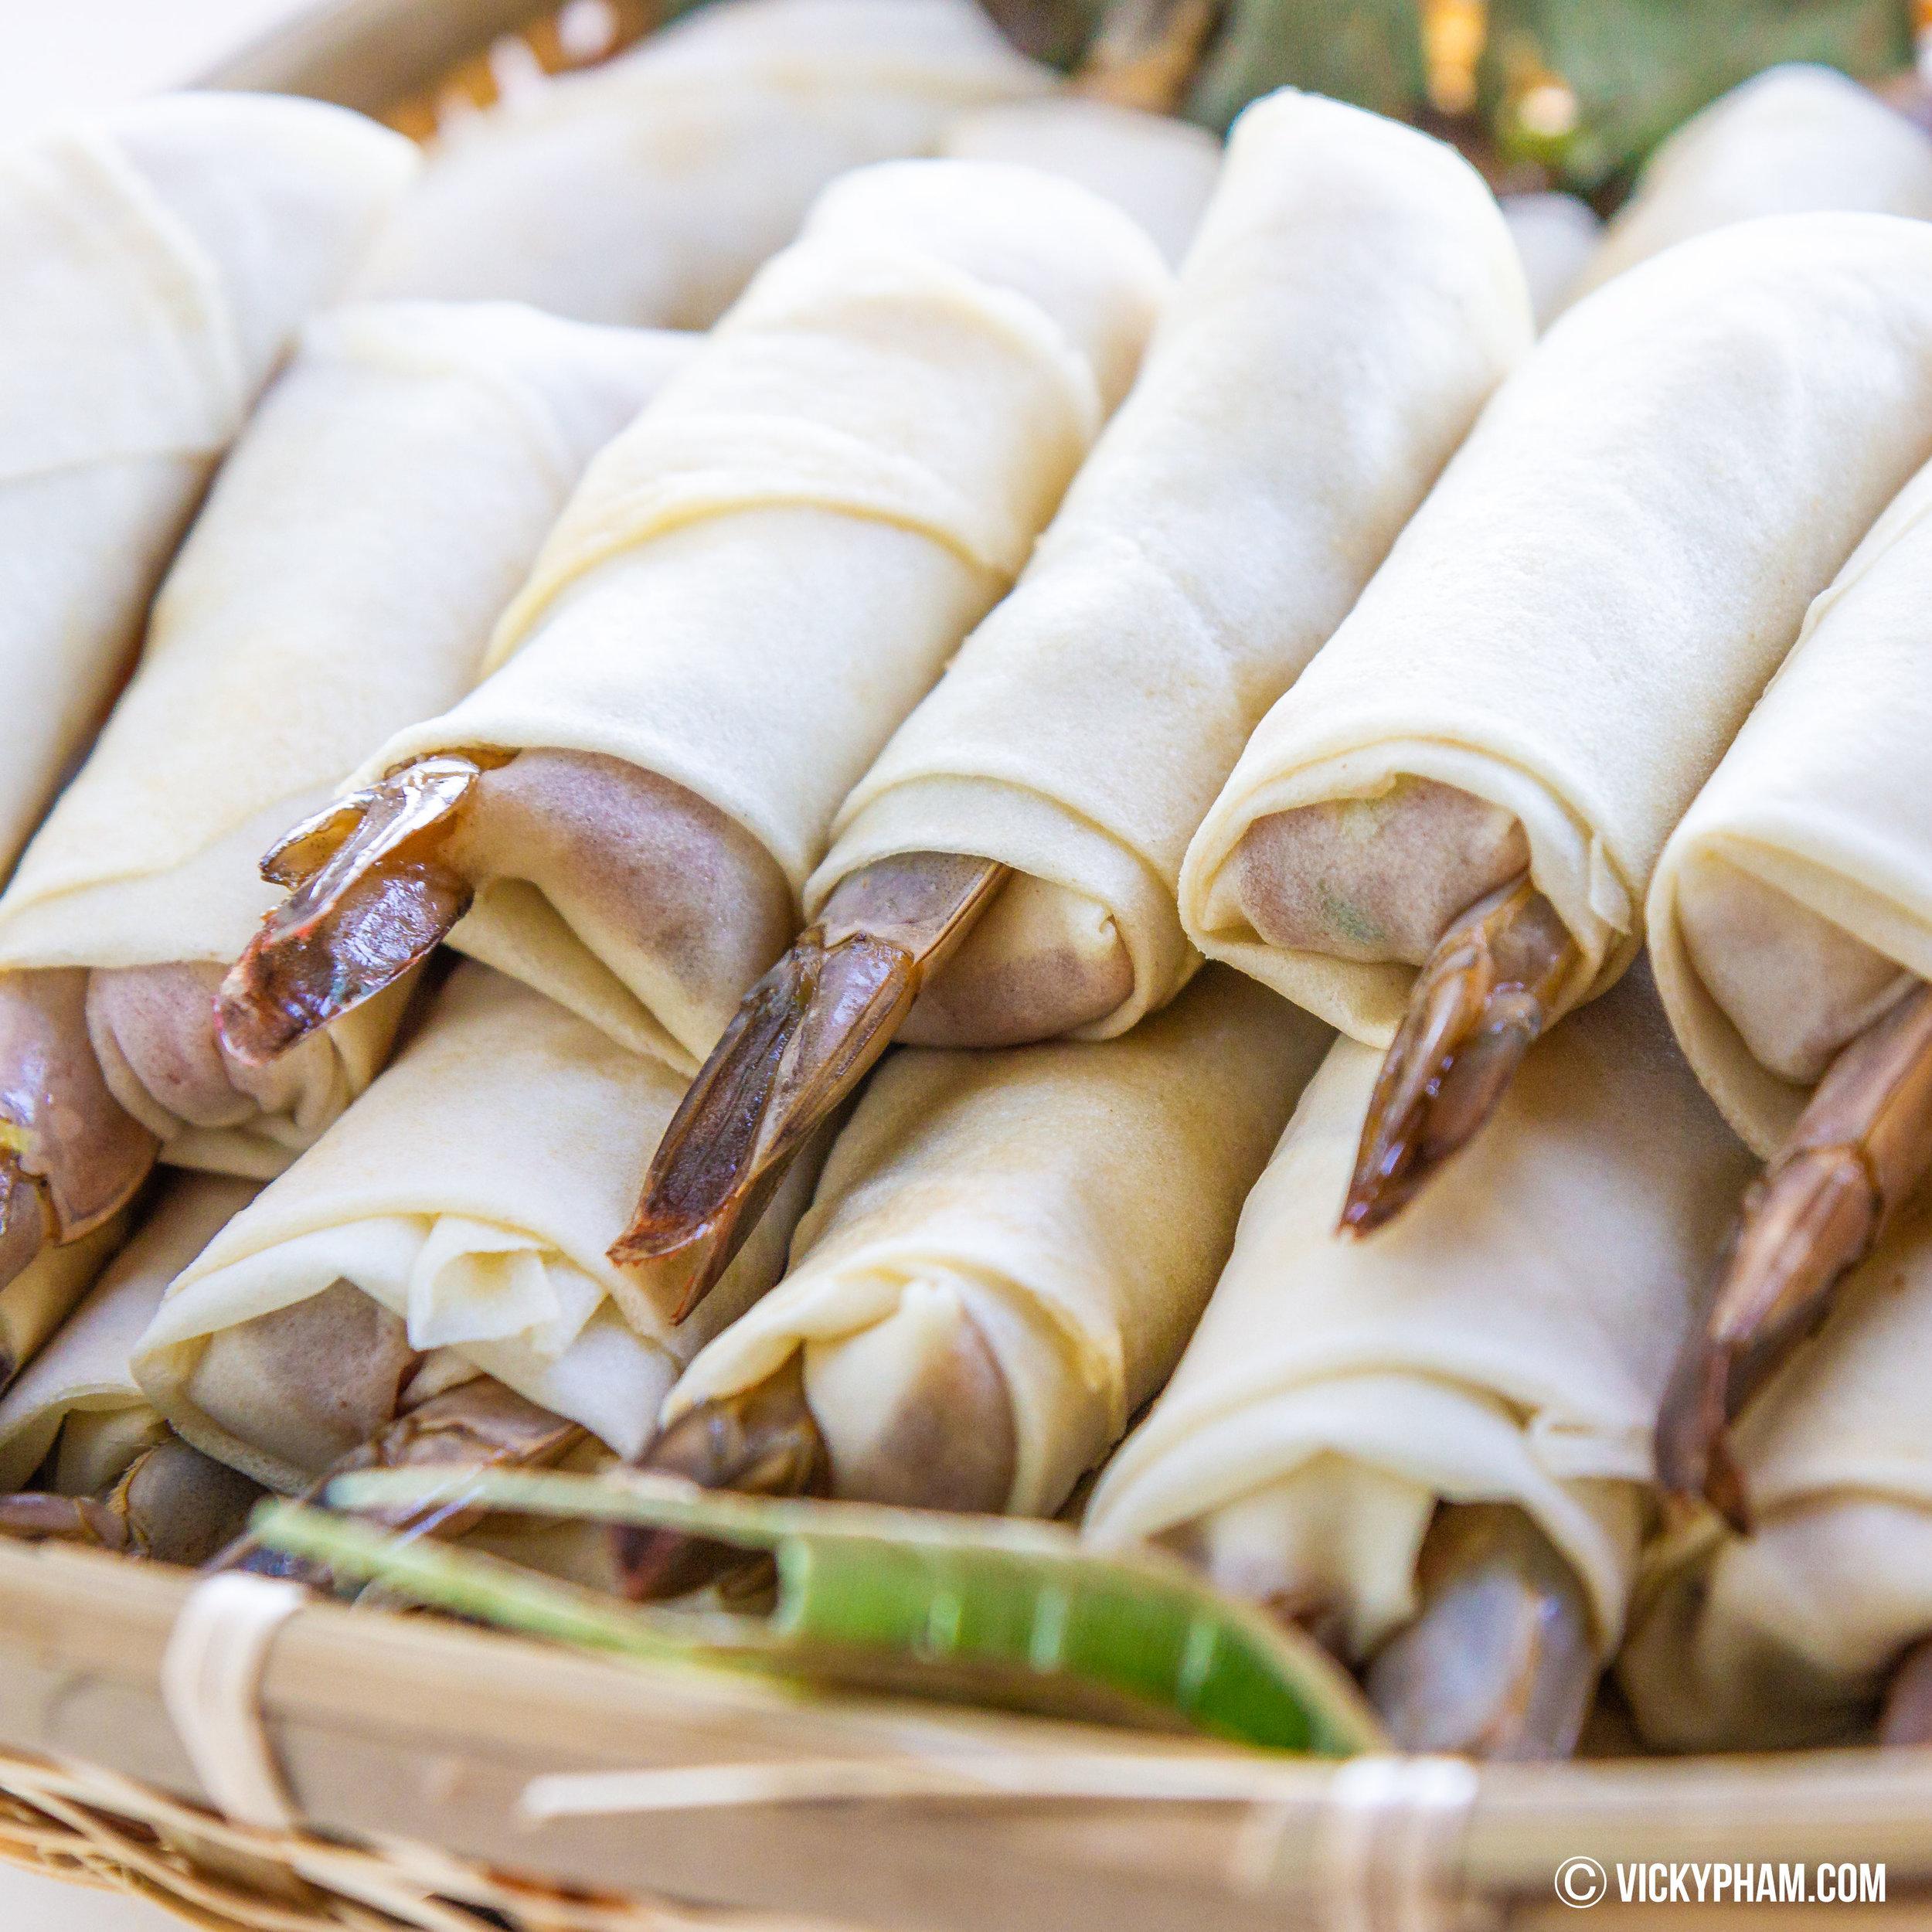 Vietnamese Shrimp & Pork Egg Rolls (Cha Gio Tom Thit) Ready for the Fryer